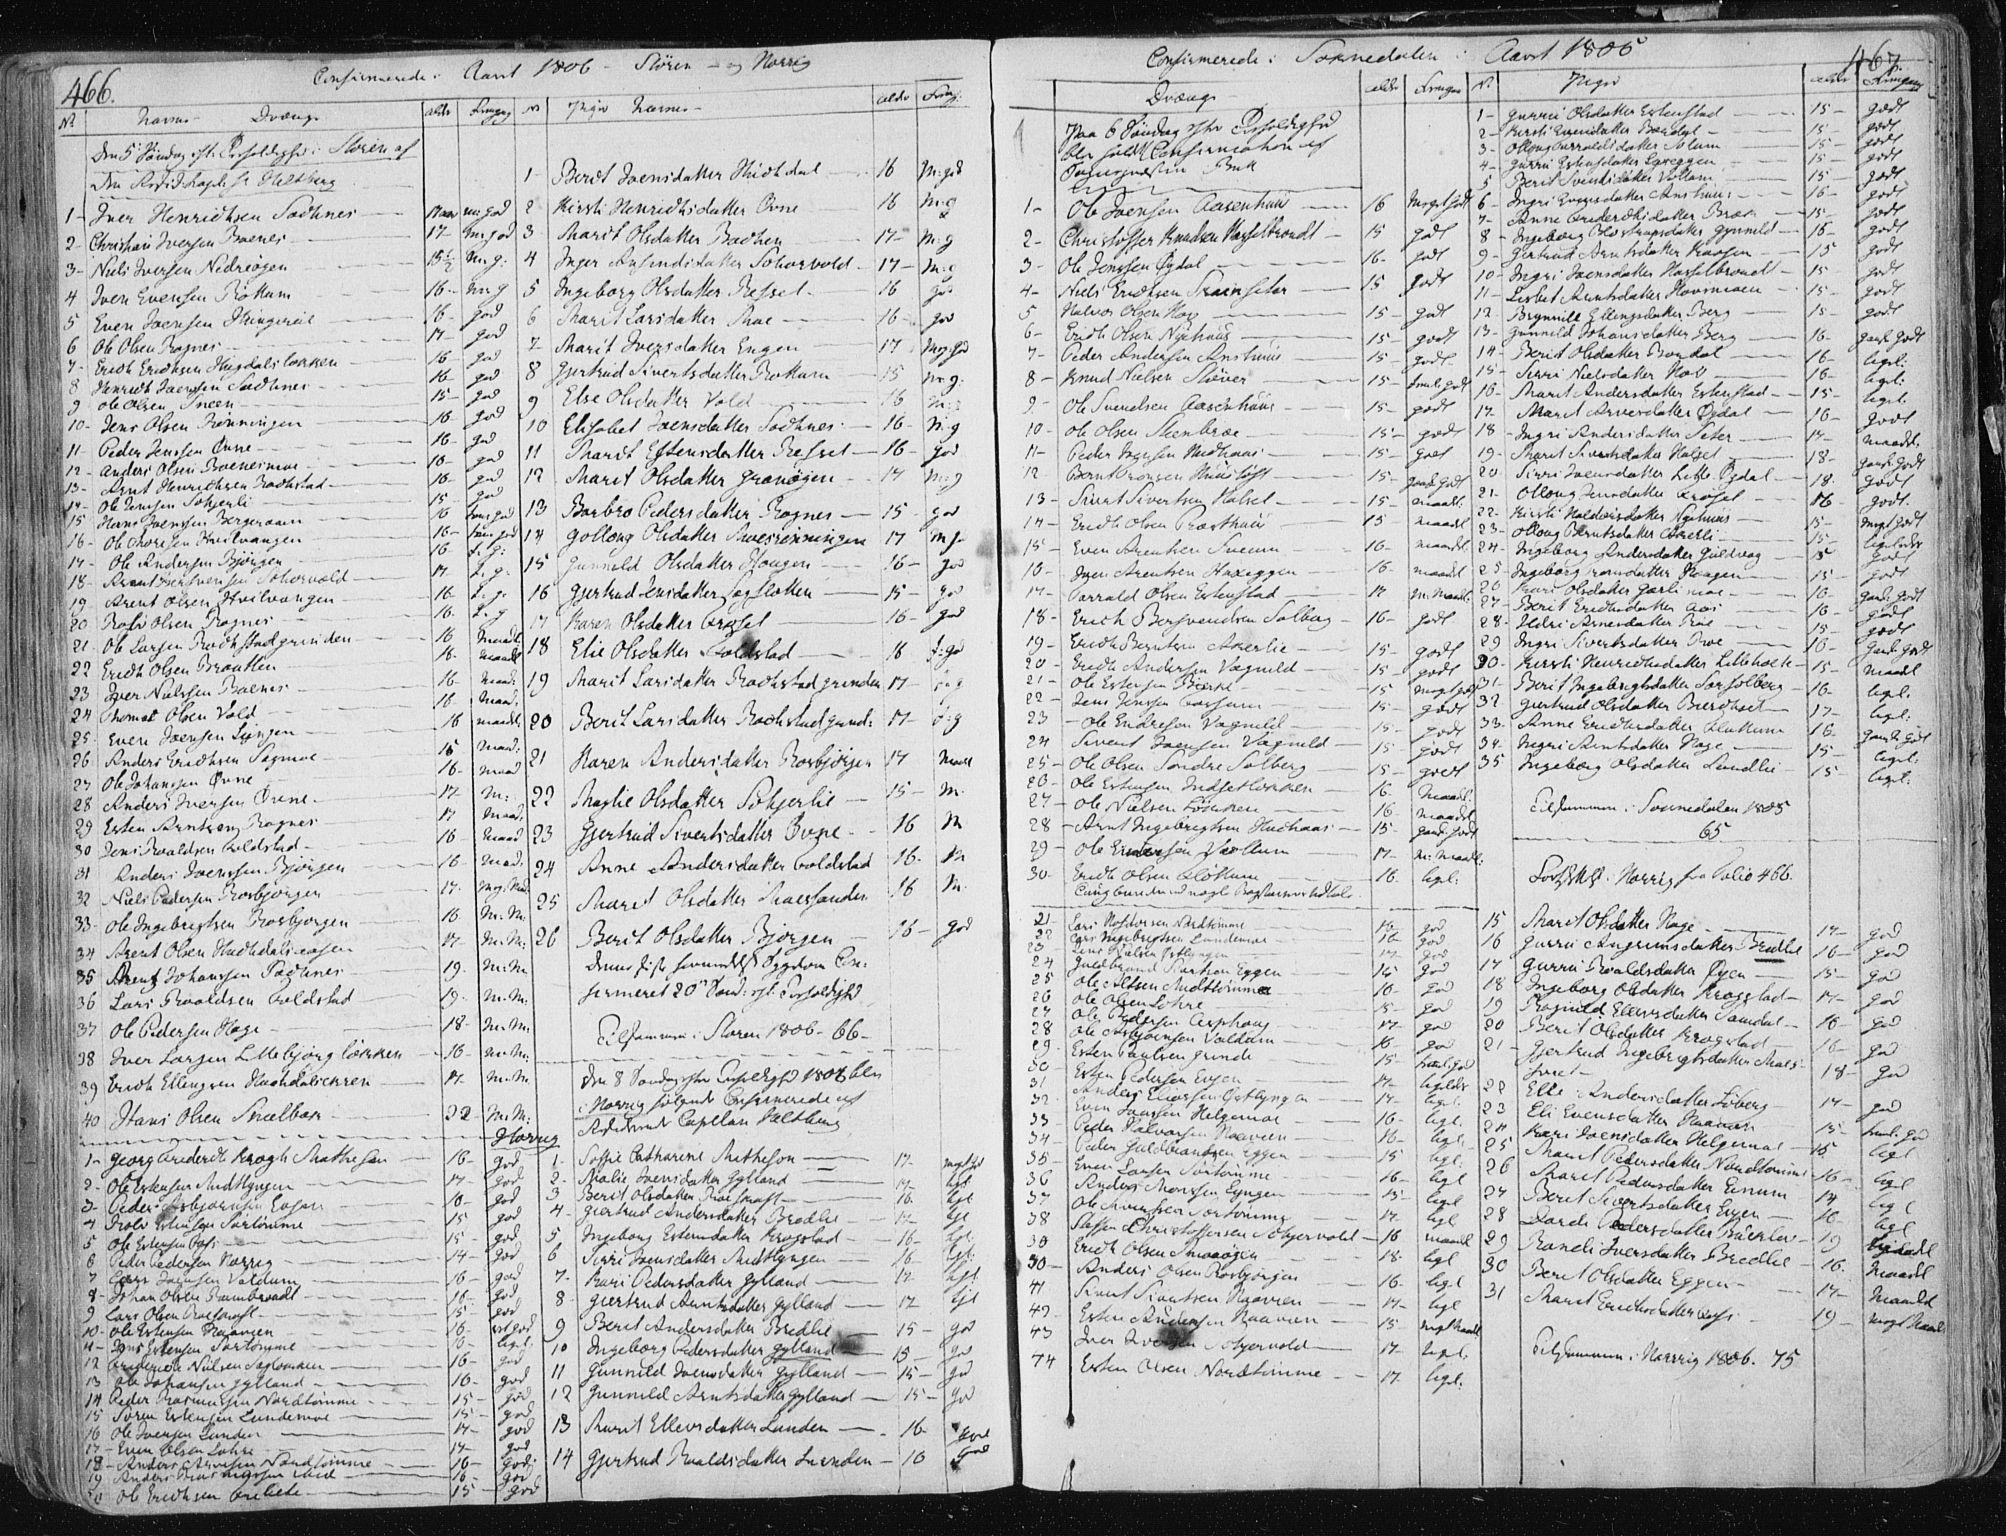 SAT, Ministerialprotokoller, klokkerbøker og fødselsregistre - Sør-Trøndelag, 687/L0992: Ministerialbok nr. 687A03 /1, 1788-1815, s. 466-467